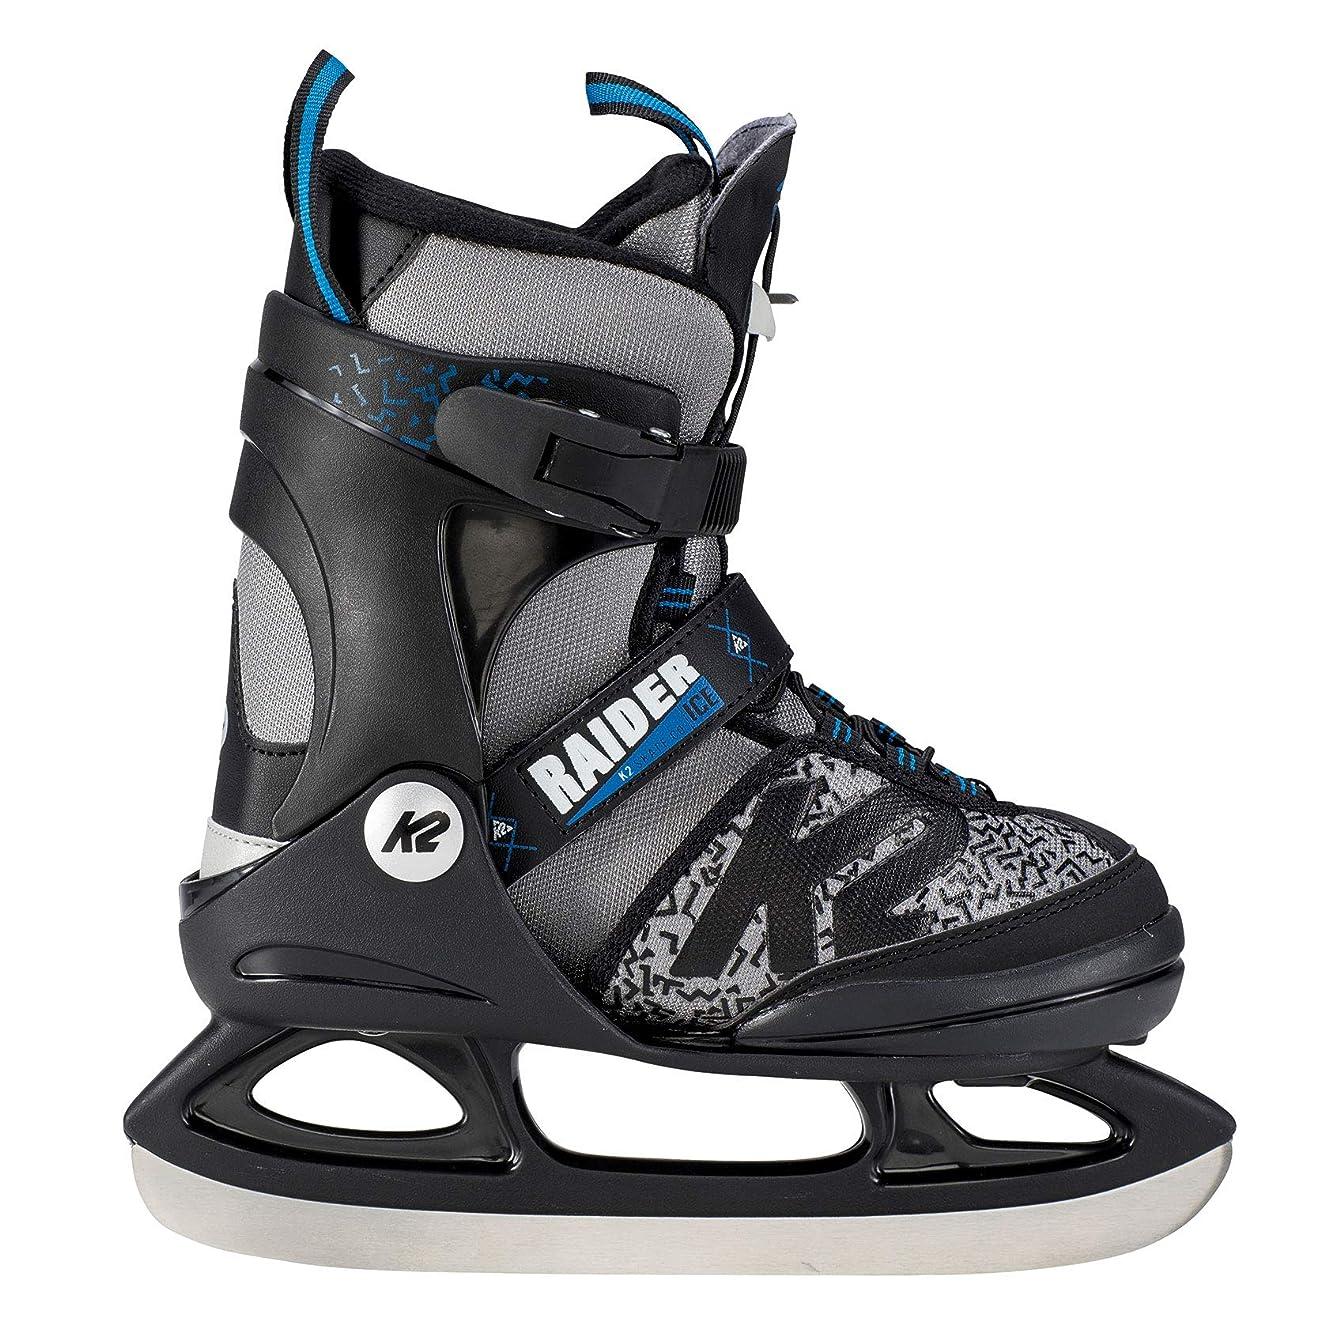 派手奴隷カテナ[ケーツー] ジュニア ボーイズ アイススケート フィギュアスケート スケート靴 RAIDER ICE グレー/ブラック I180300101